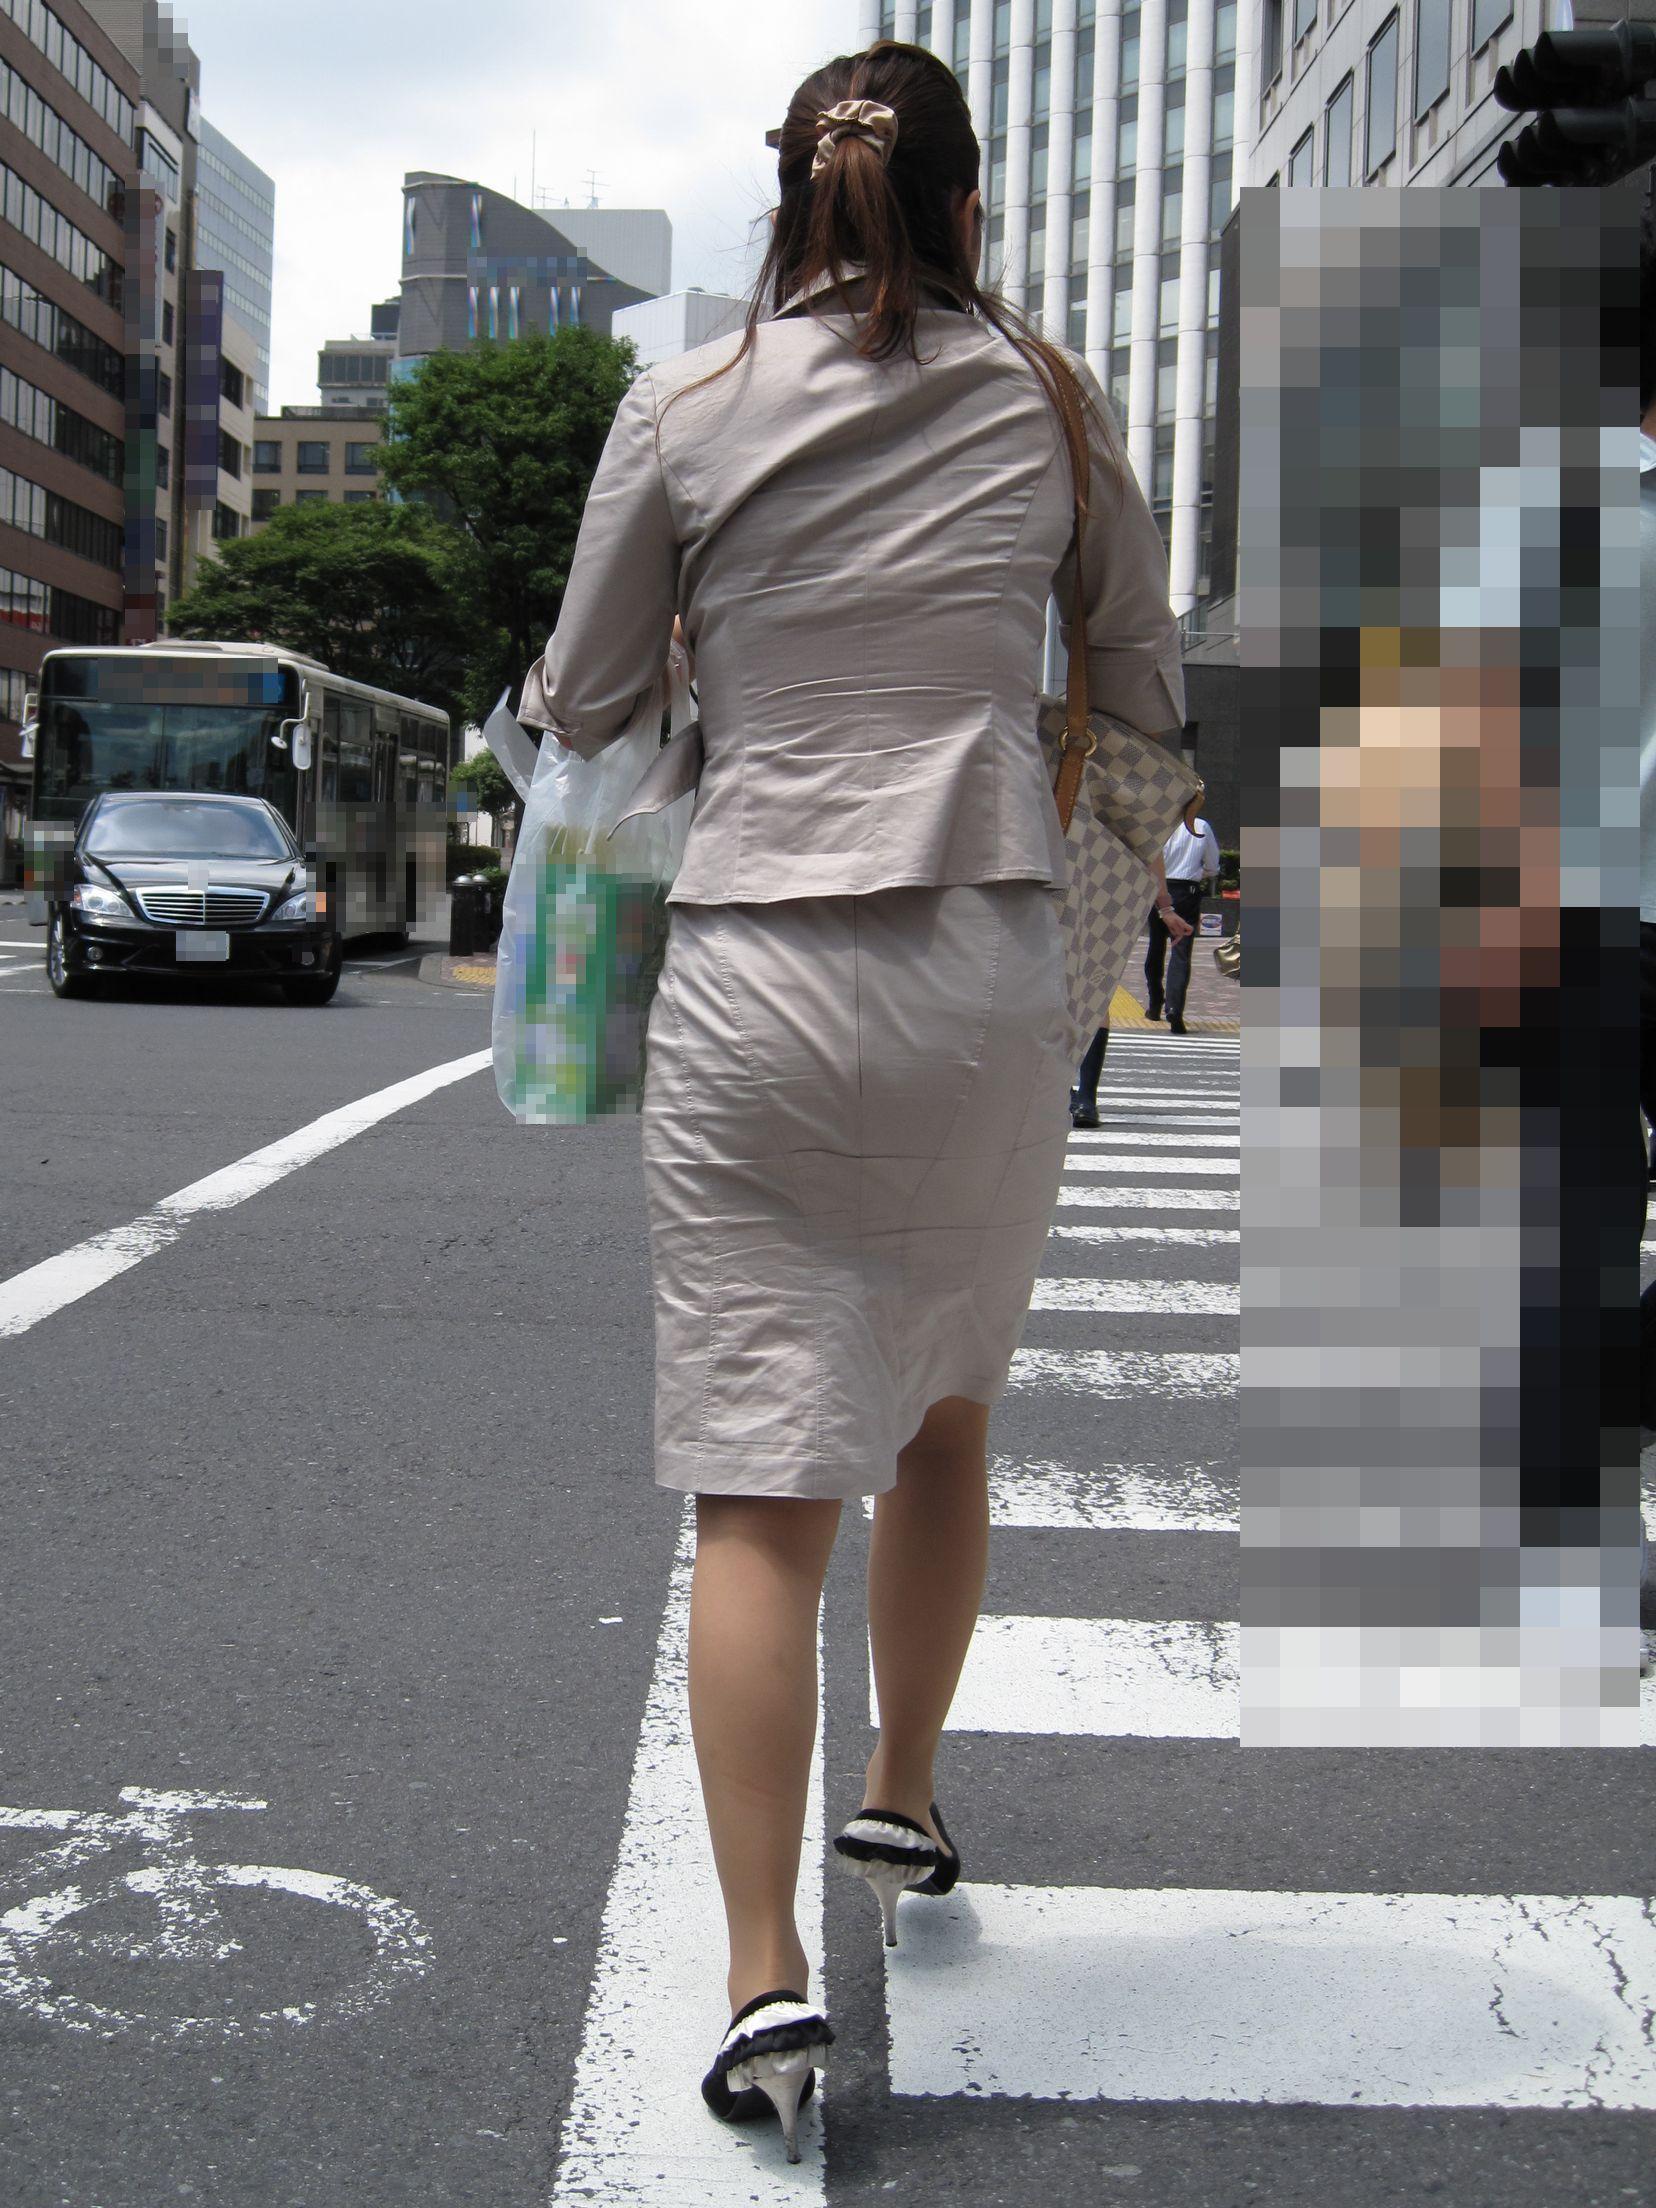 【街撮りOL画像】思わず追跡したwwwタイトスカートに包まれたムチムチ尻 12